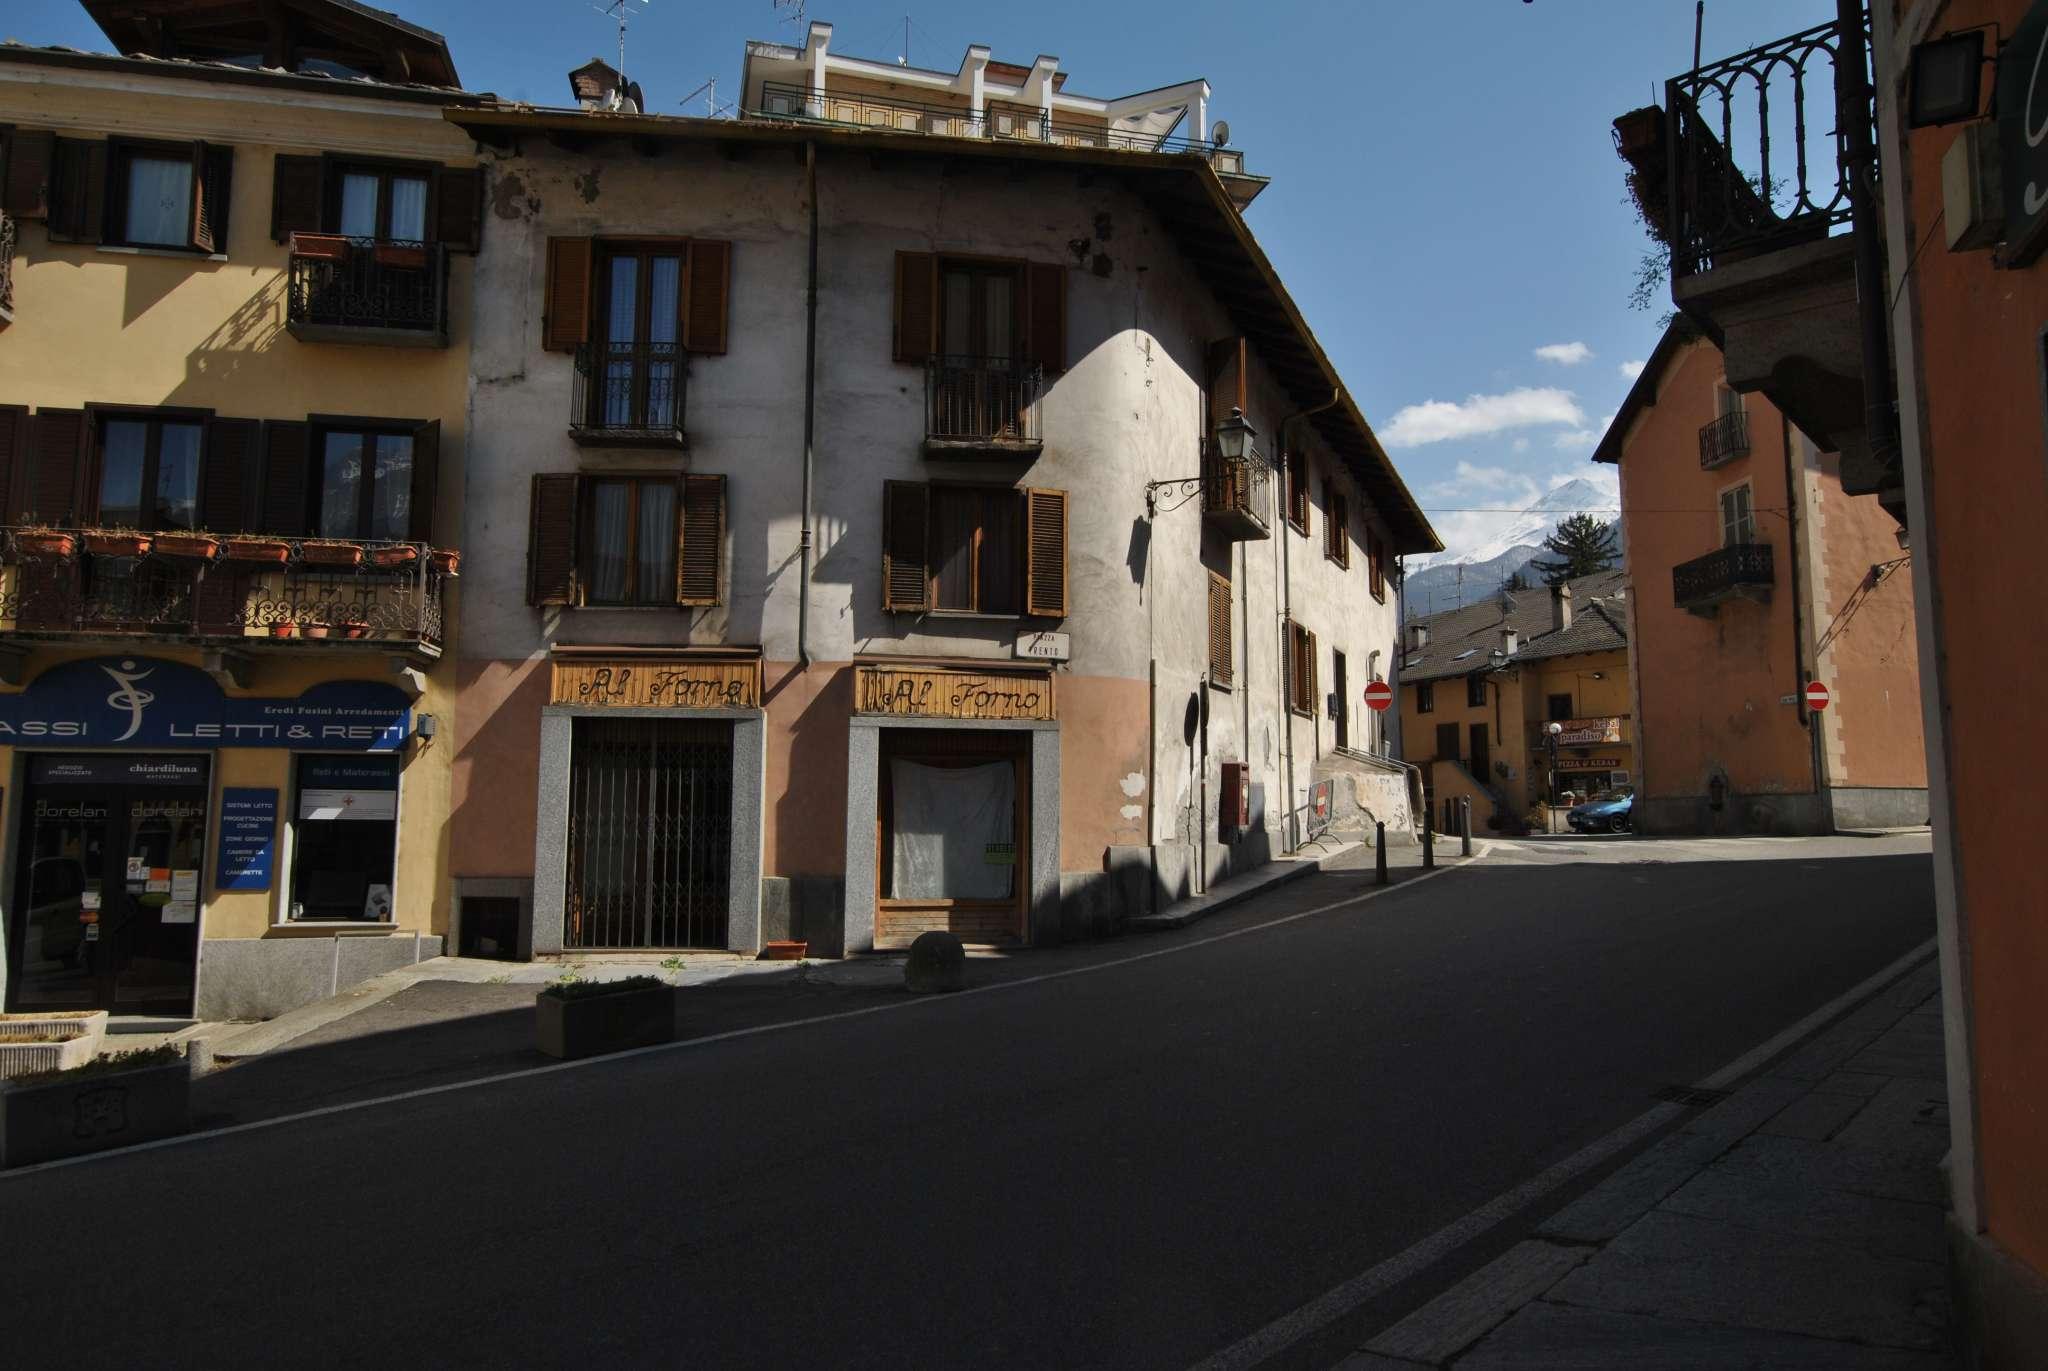 Laboratorio in vendita a Susa, 4 locali, prezzo € 49.000 | PortaleAgenzieImmobiliari.it